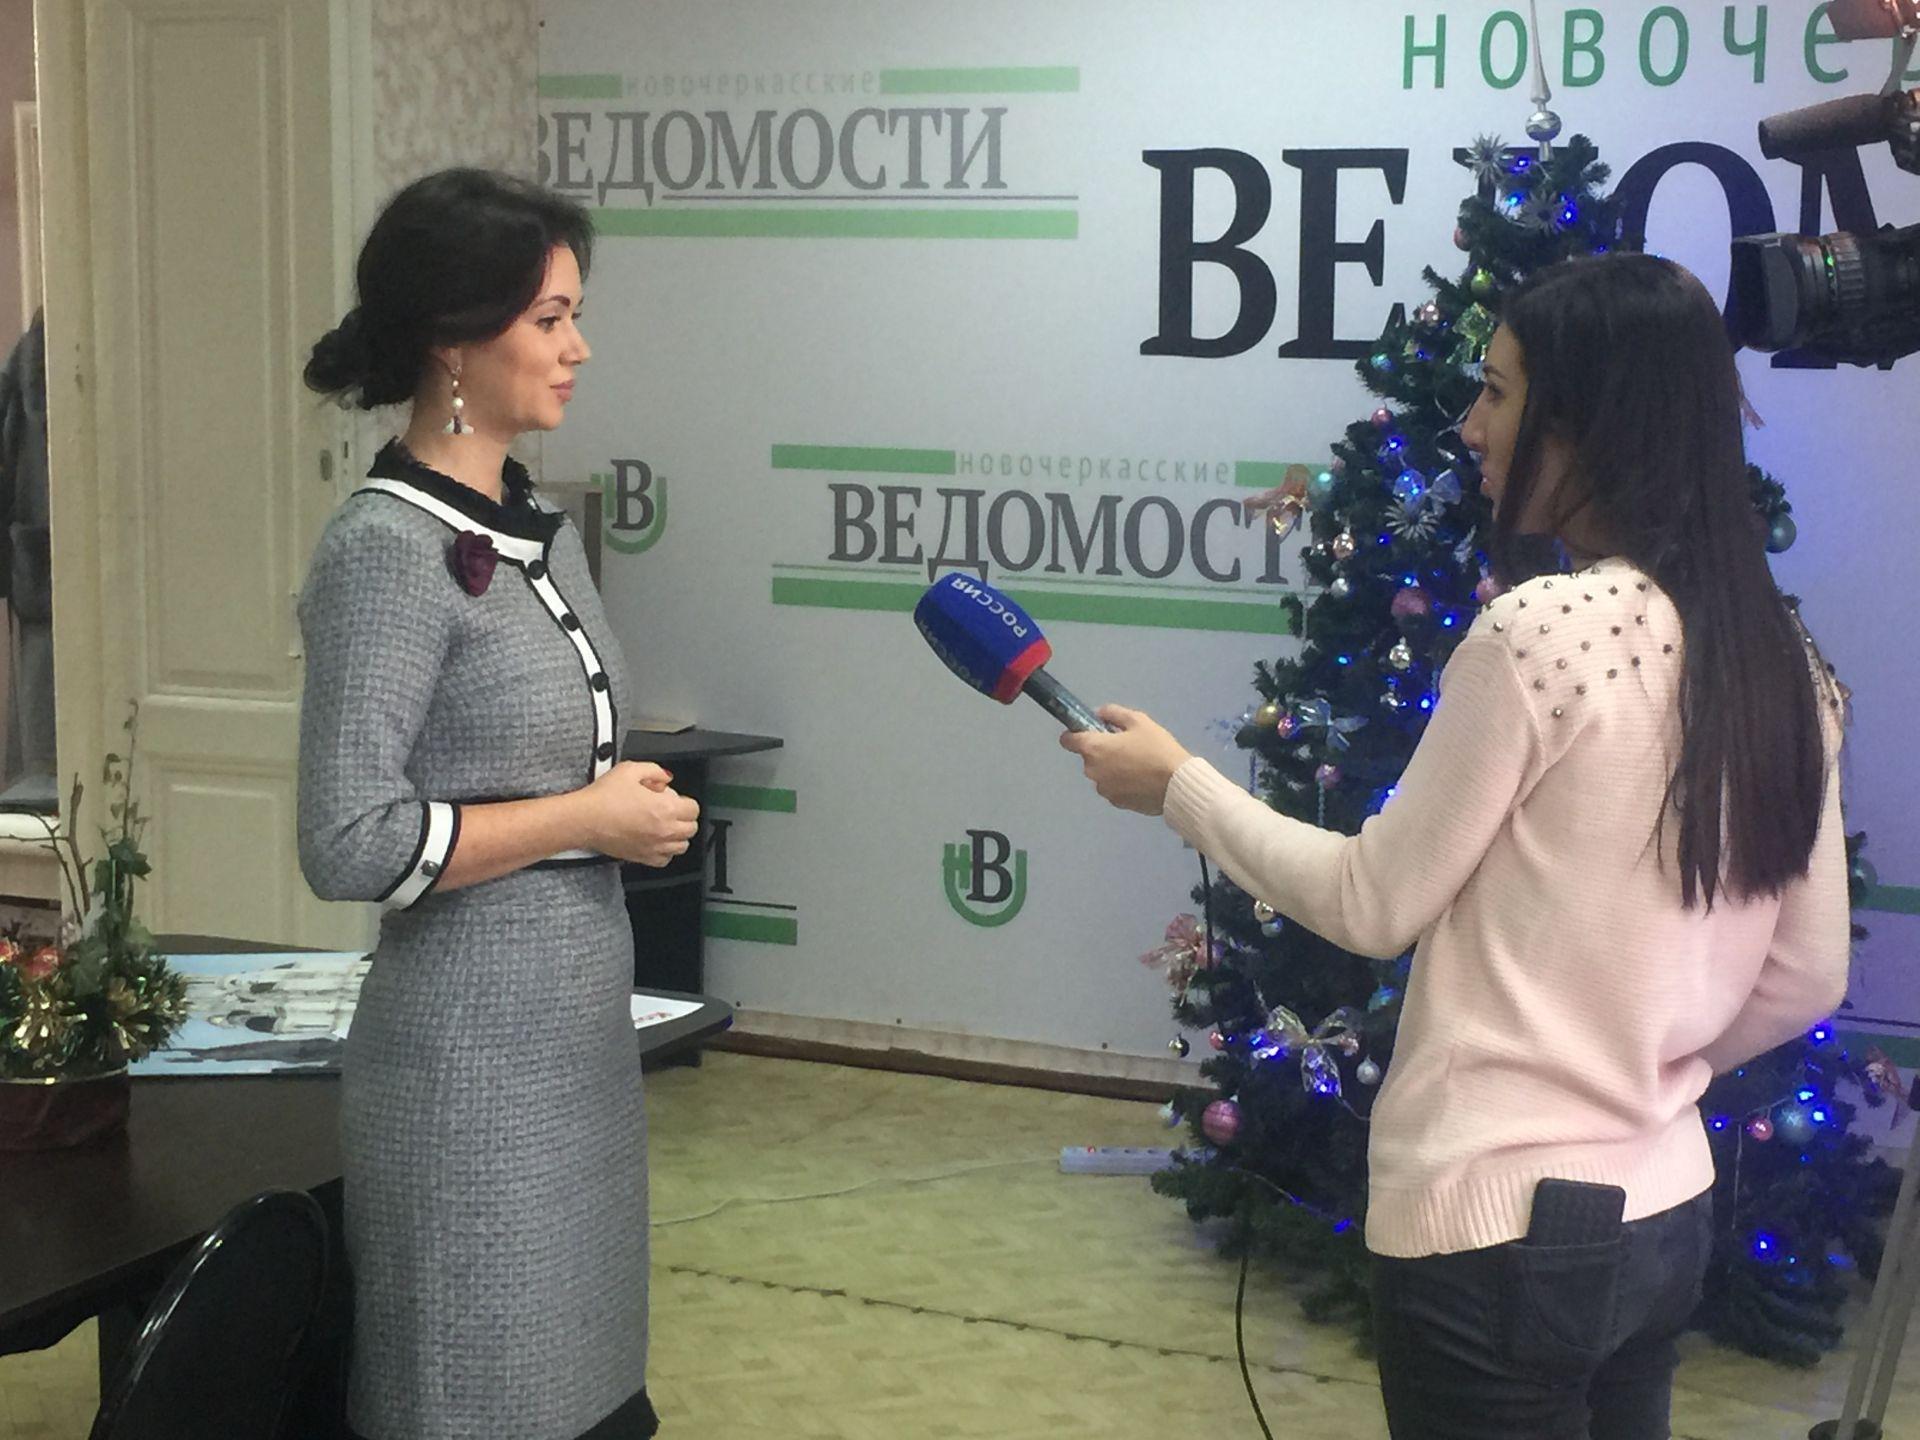 Депутат из Новочеркасска приглавит Путина на празднование Дня казачества